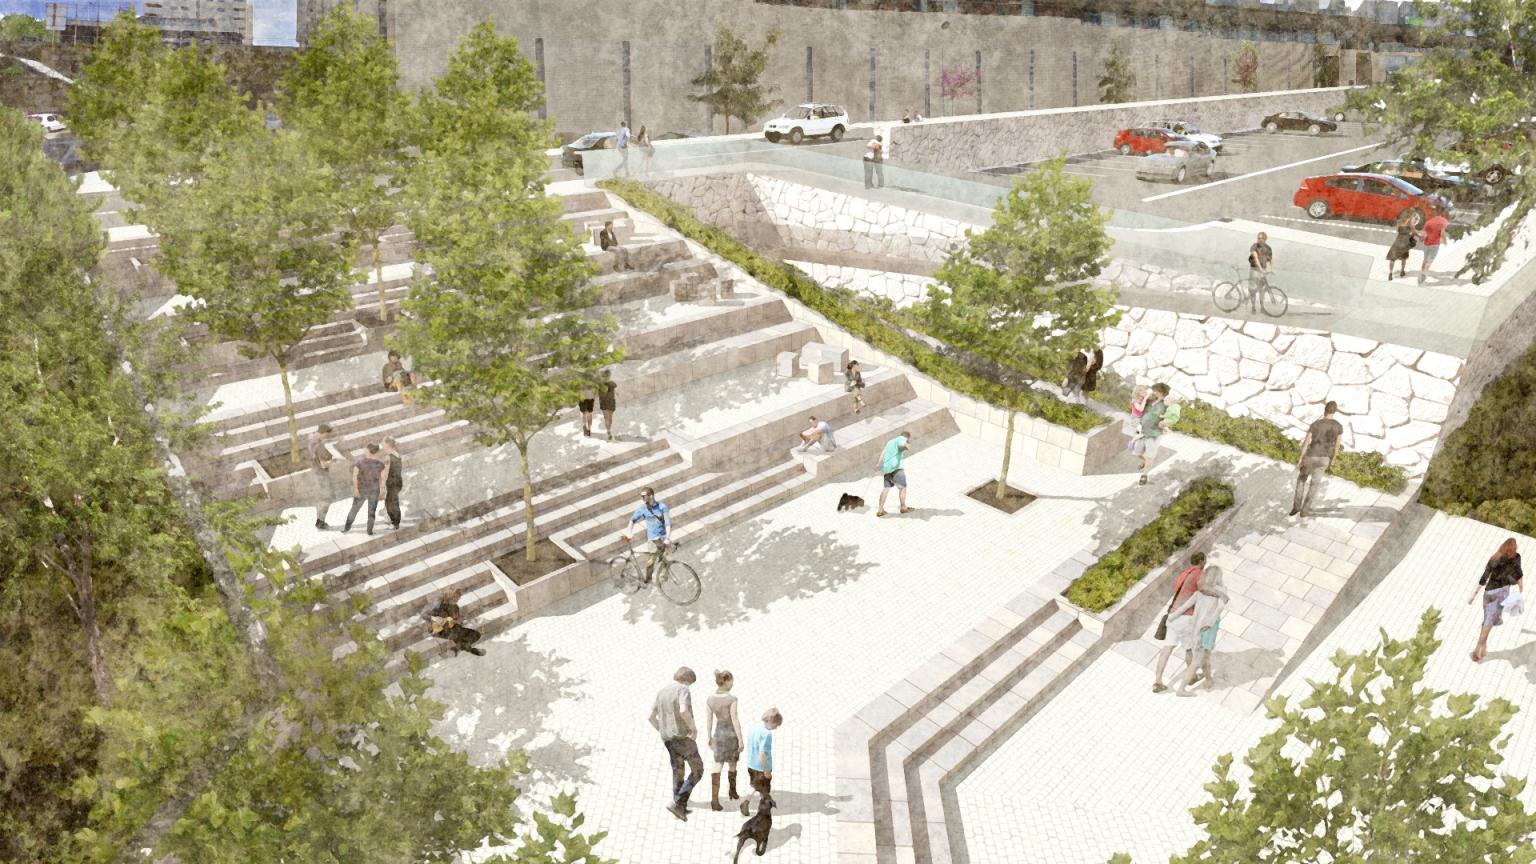 Parque Urbano do Marco de Canaveses urban park Sérgio Pinto Arquitetura Paisagista e Desenho Urbano Landscape Architecture & Urban Design